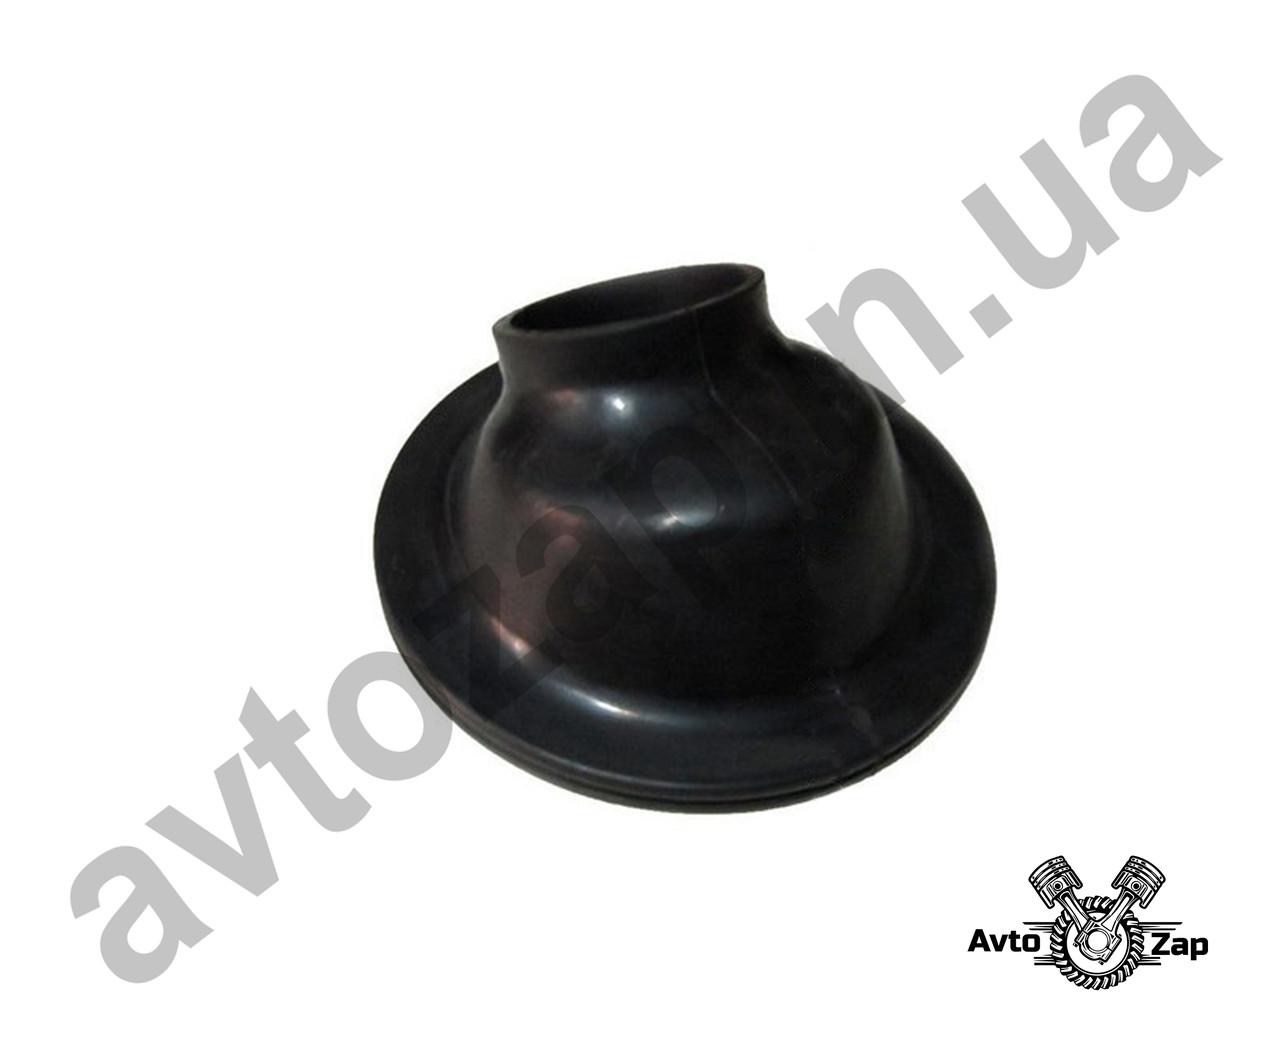 Уплотнитель горловины топливного бака Москвич 412